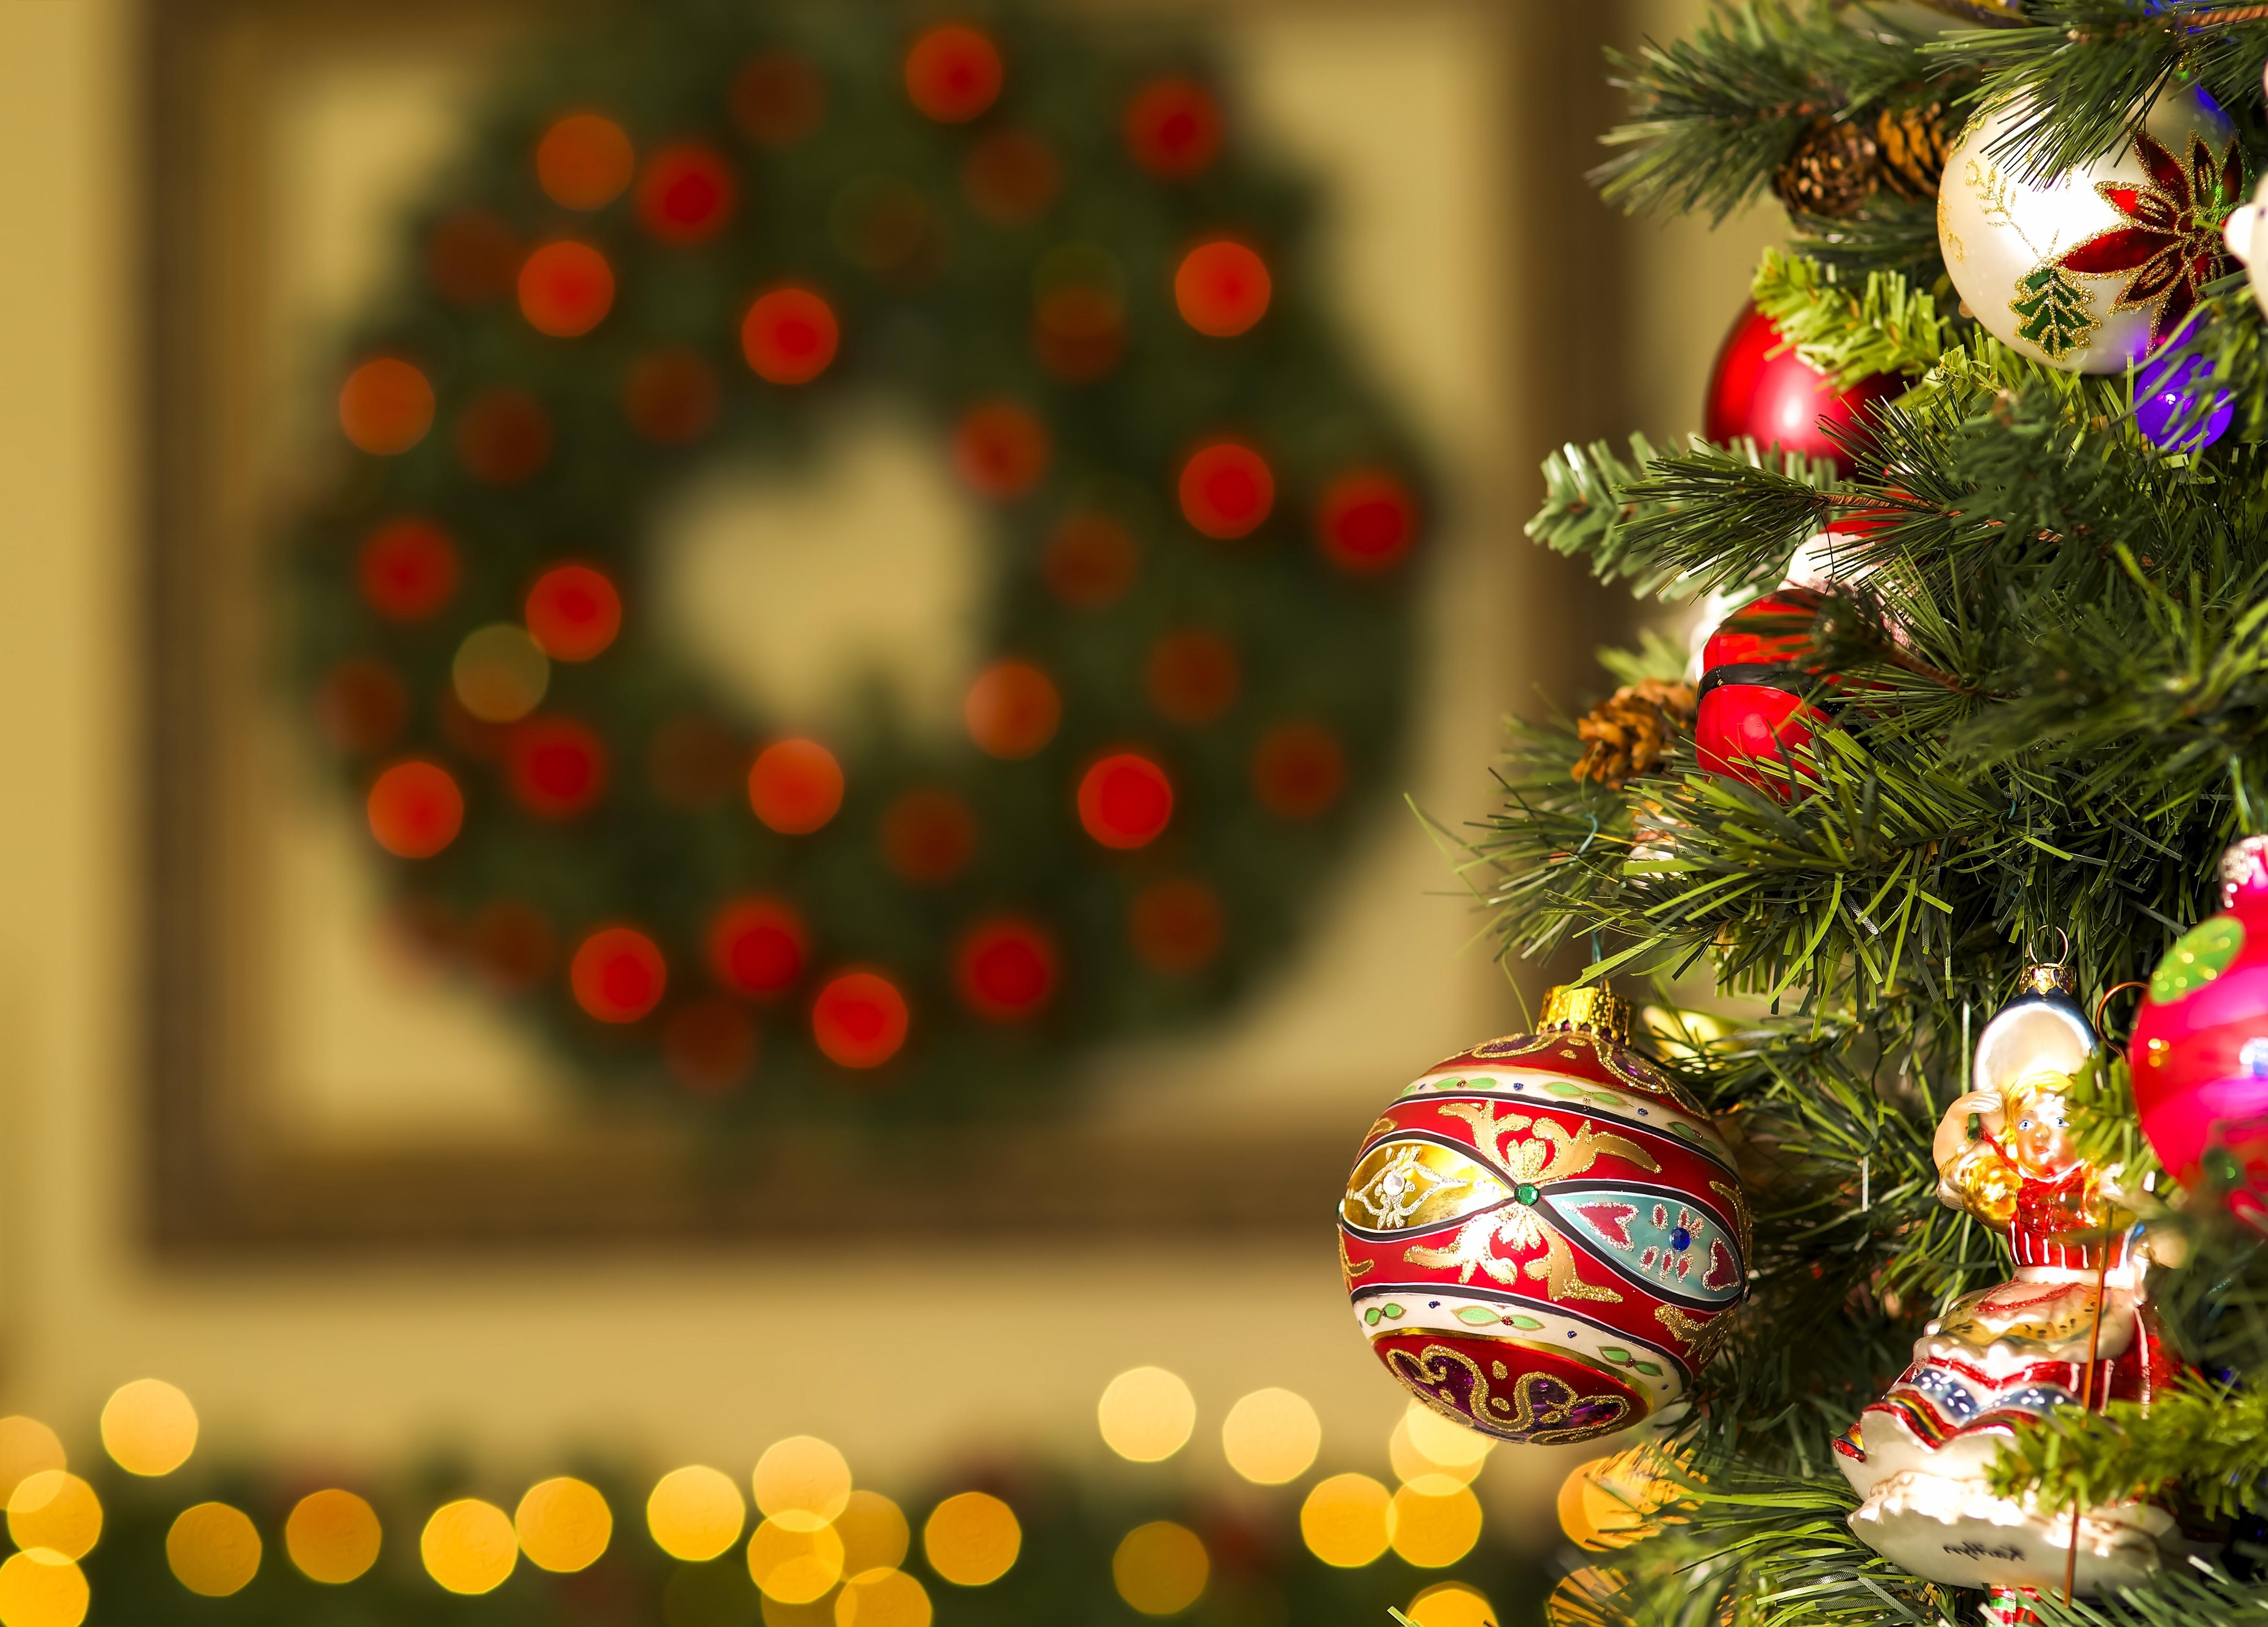 елка,шары,огоньки  № 340857 бесплатно